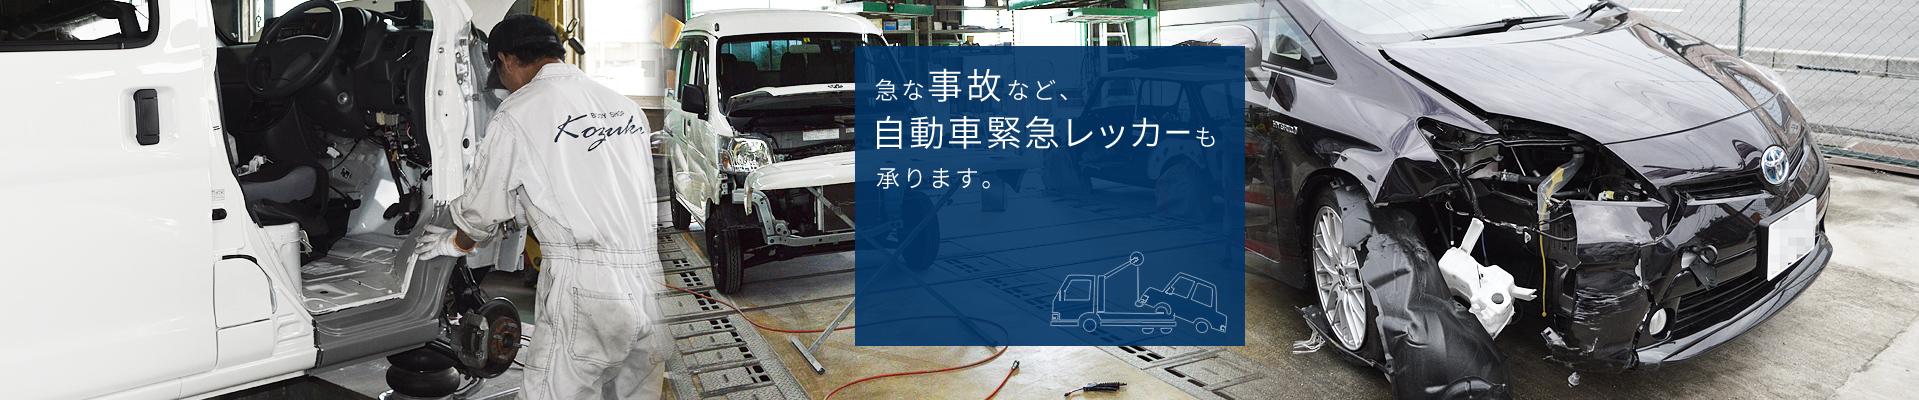 急な事故など、自動車緊急レッカーも承ります。